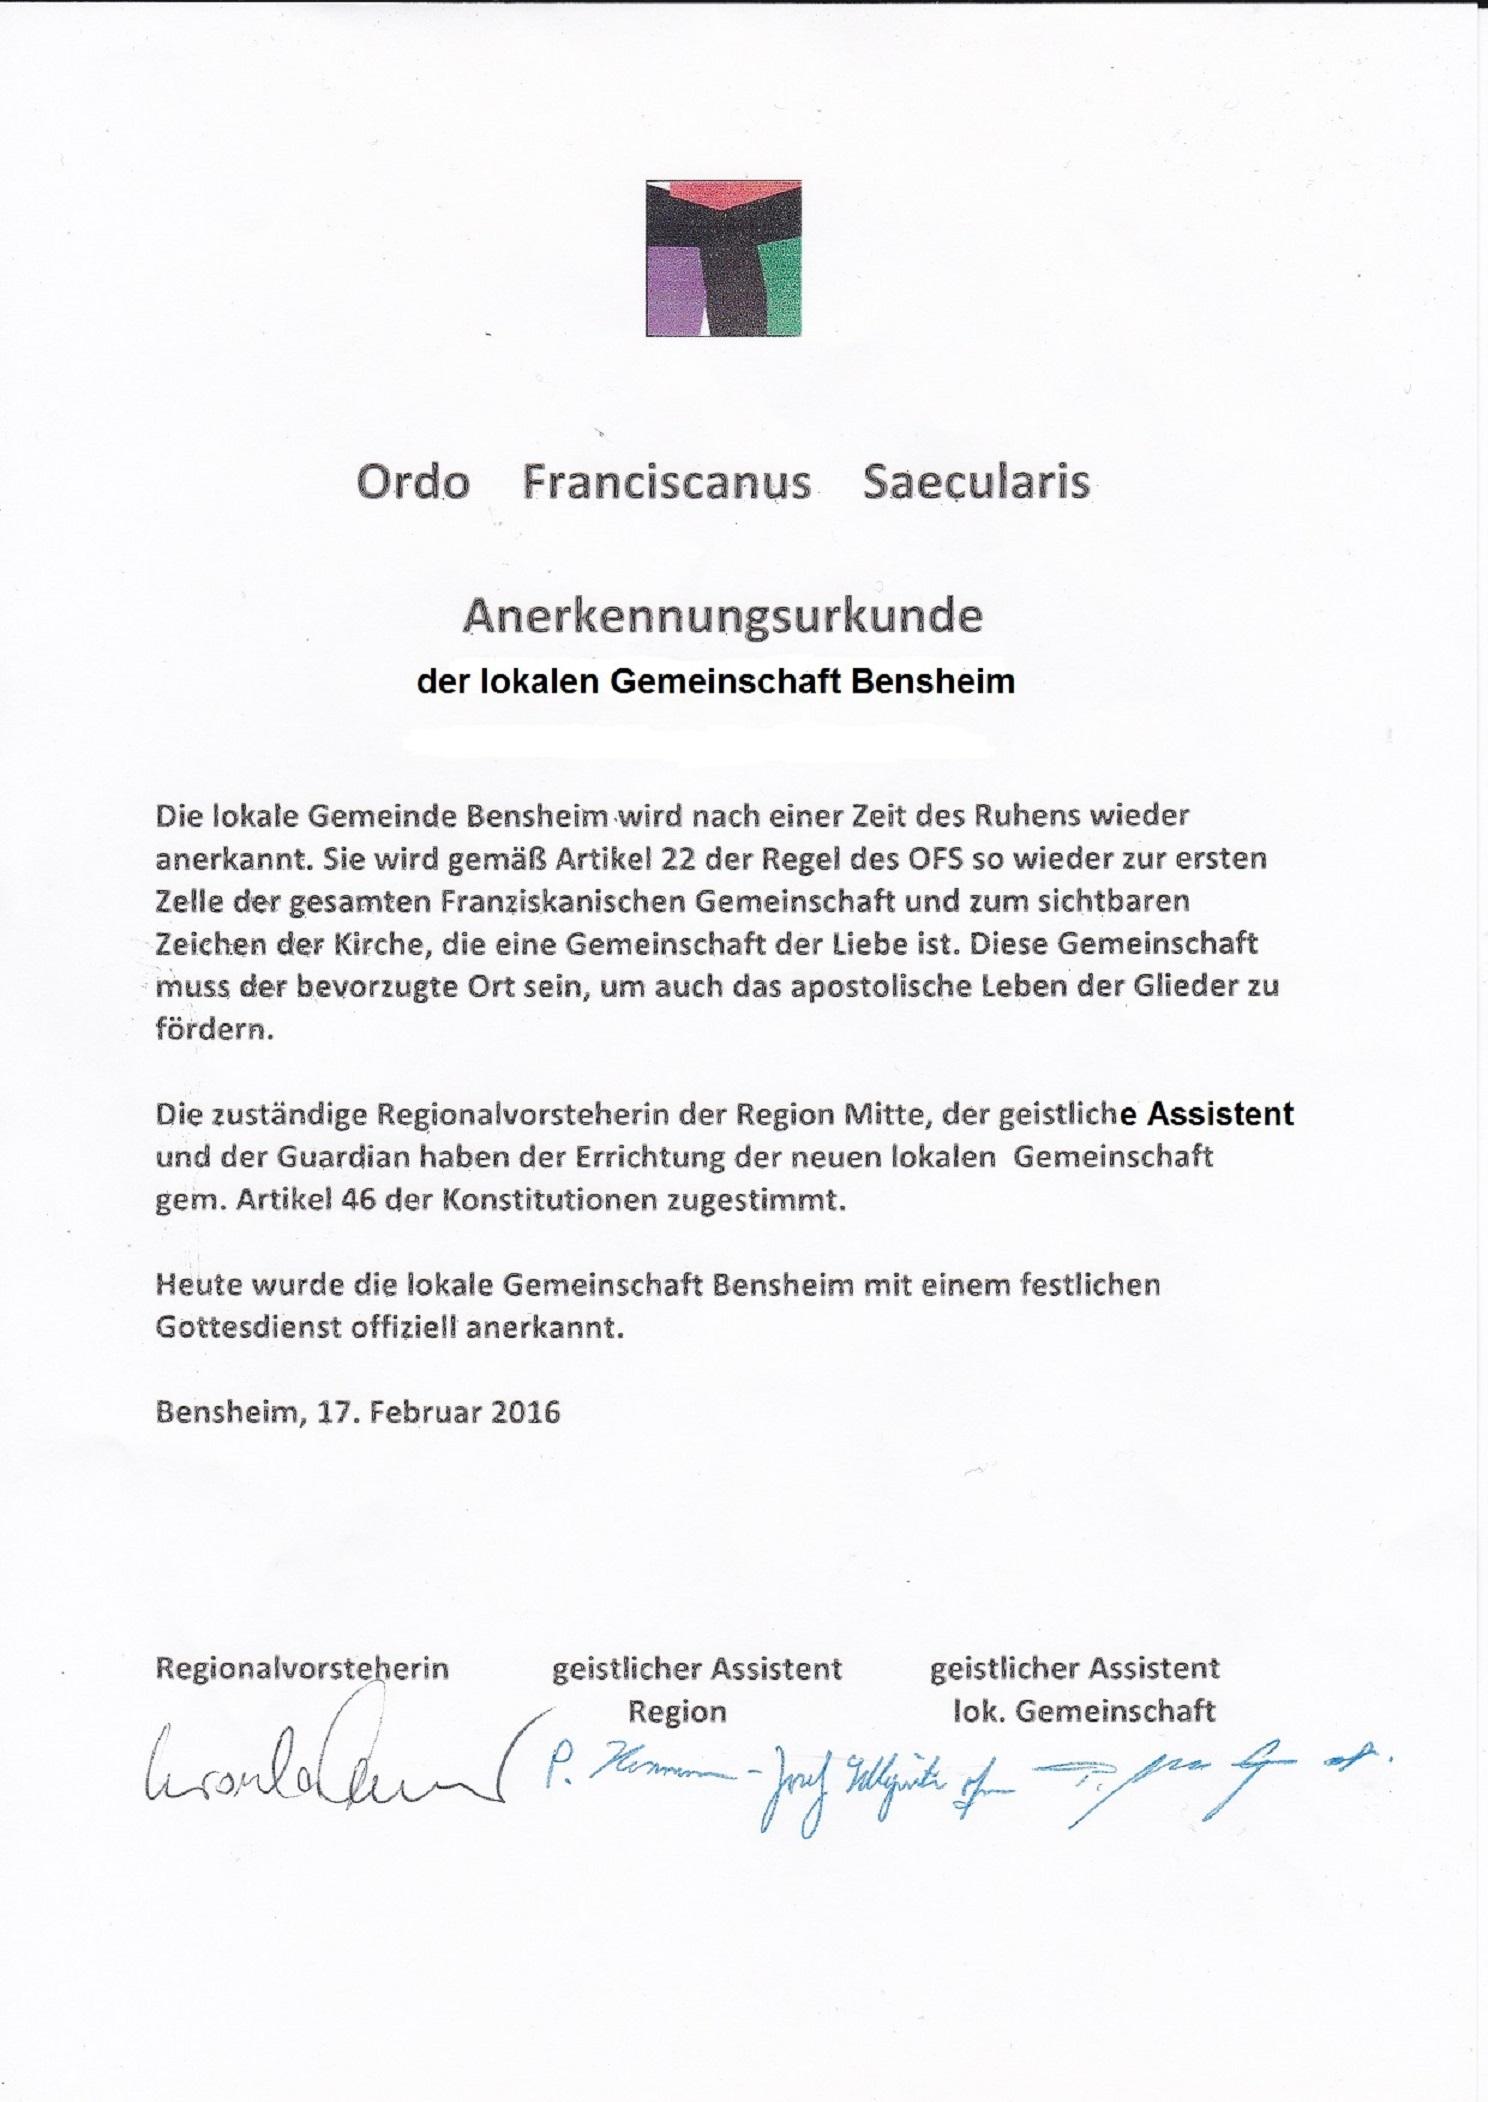 Fantastisch Anerkennungsurkunde Ideen - FORTSETZUNG ARBEITSBLATT ...